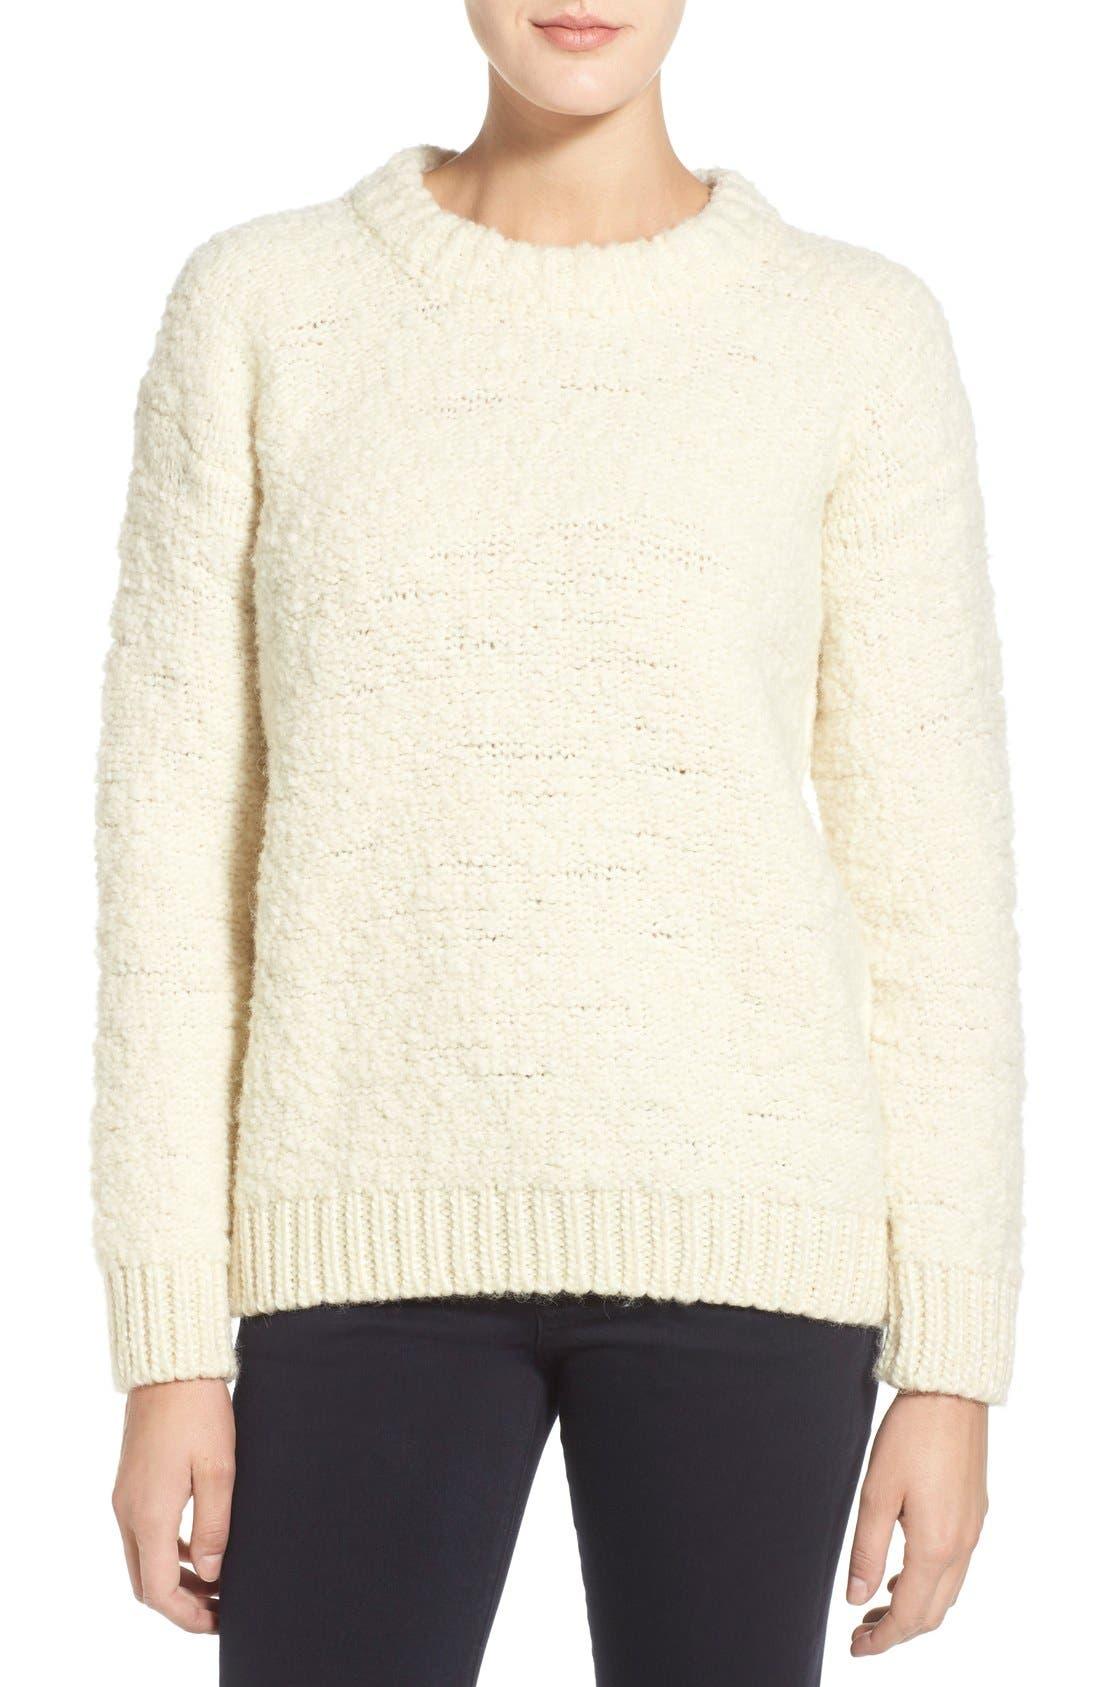 Main Image - M.i.h. Jeans 'Bird' Bouclé Crewneck Sweater